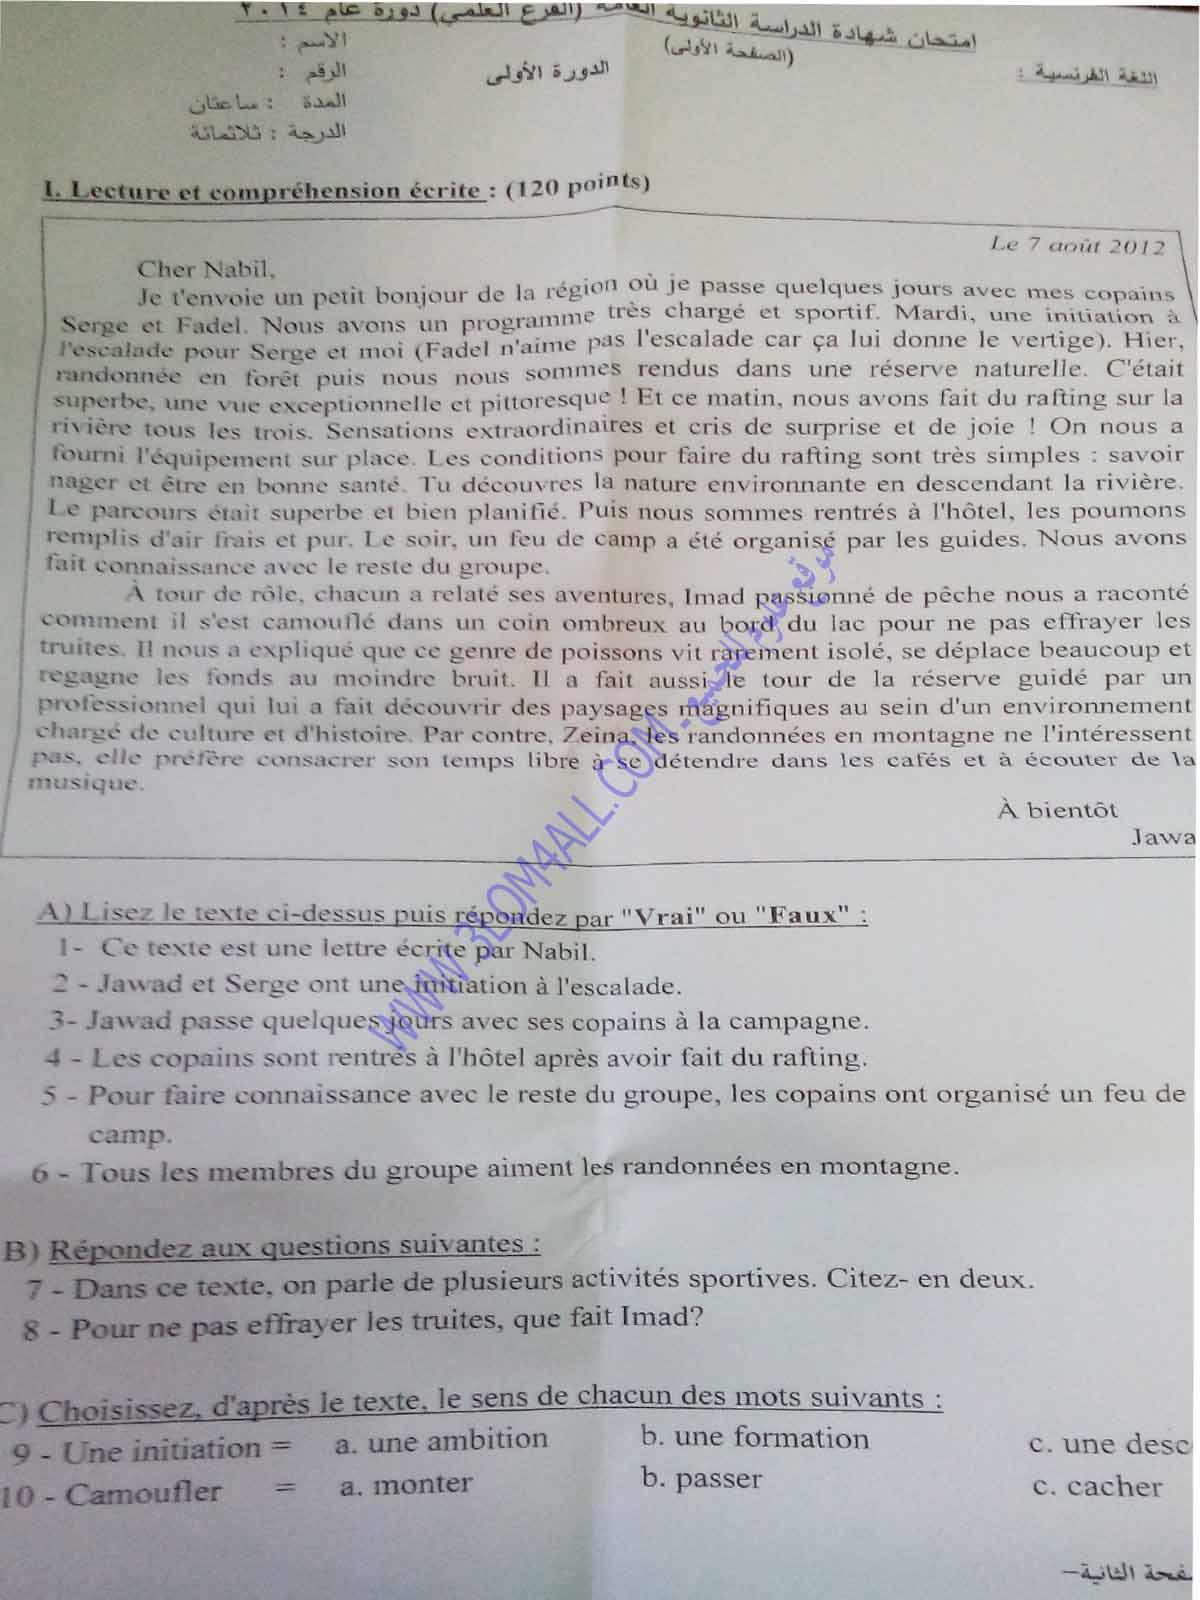 اسئلة امتحان مادة اللغة الفرنسية بكالوريا سوريا الفرع العلمي ورقة الامتحان 1464369080251.jpg